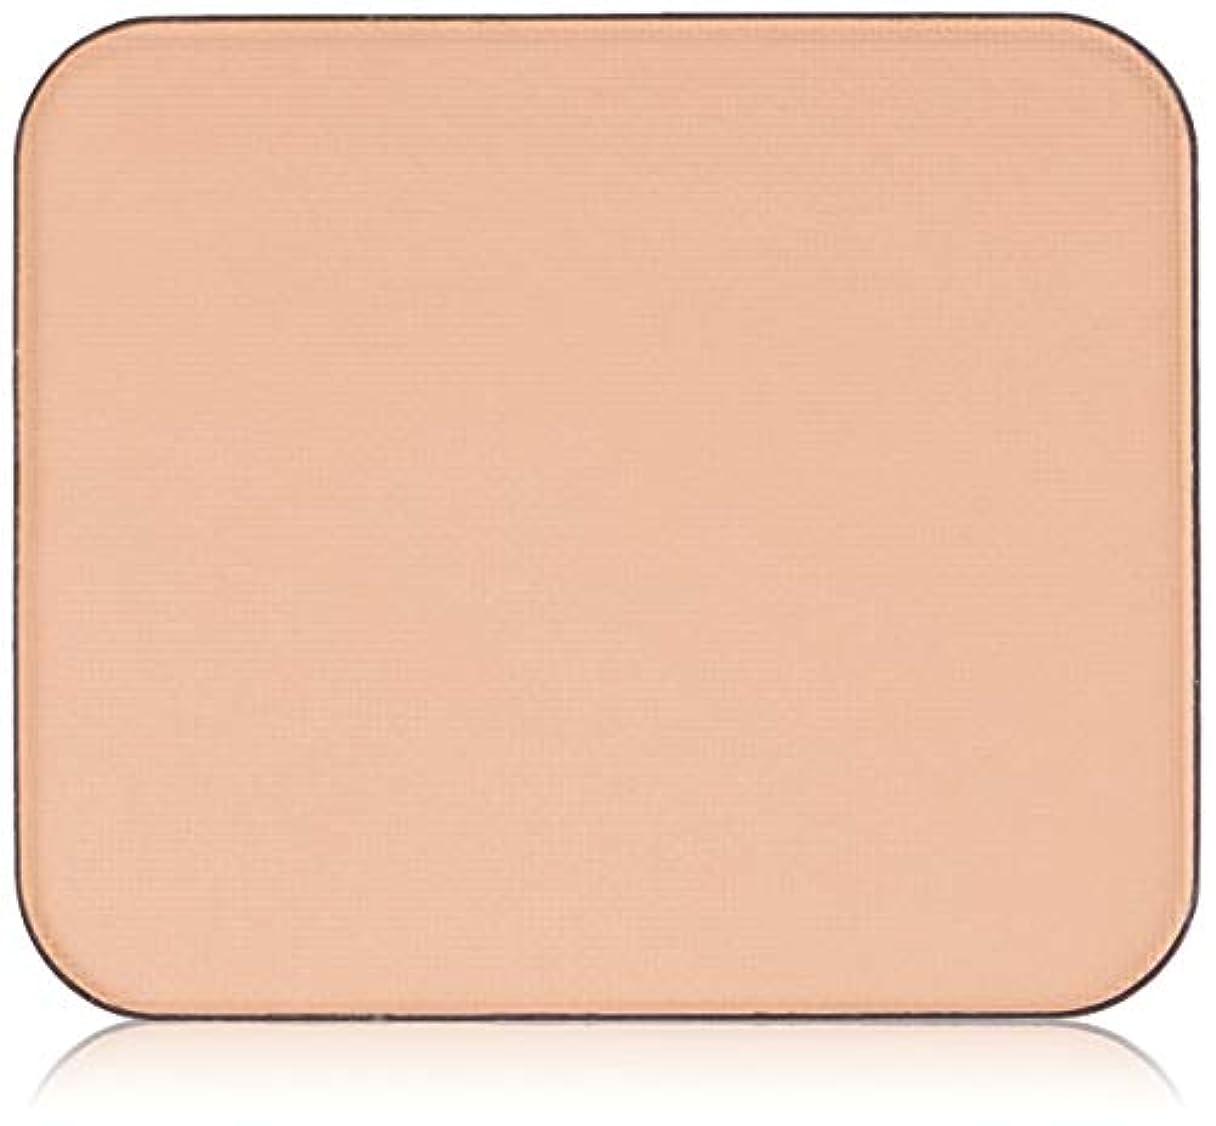 集中的な緊張スタンドCelvoke(セルヴォーク) インテントスキン パウダーファンデーション 全5色 102 明るいオークル系(標準色)